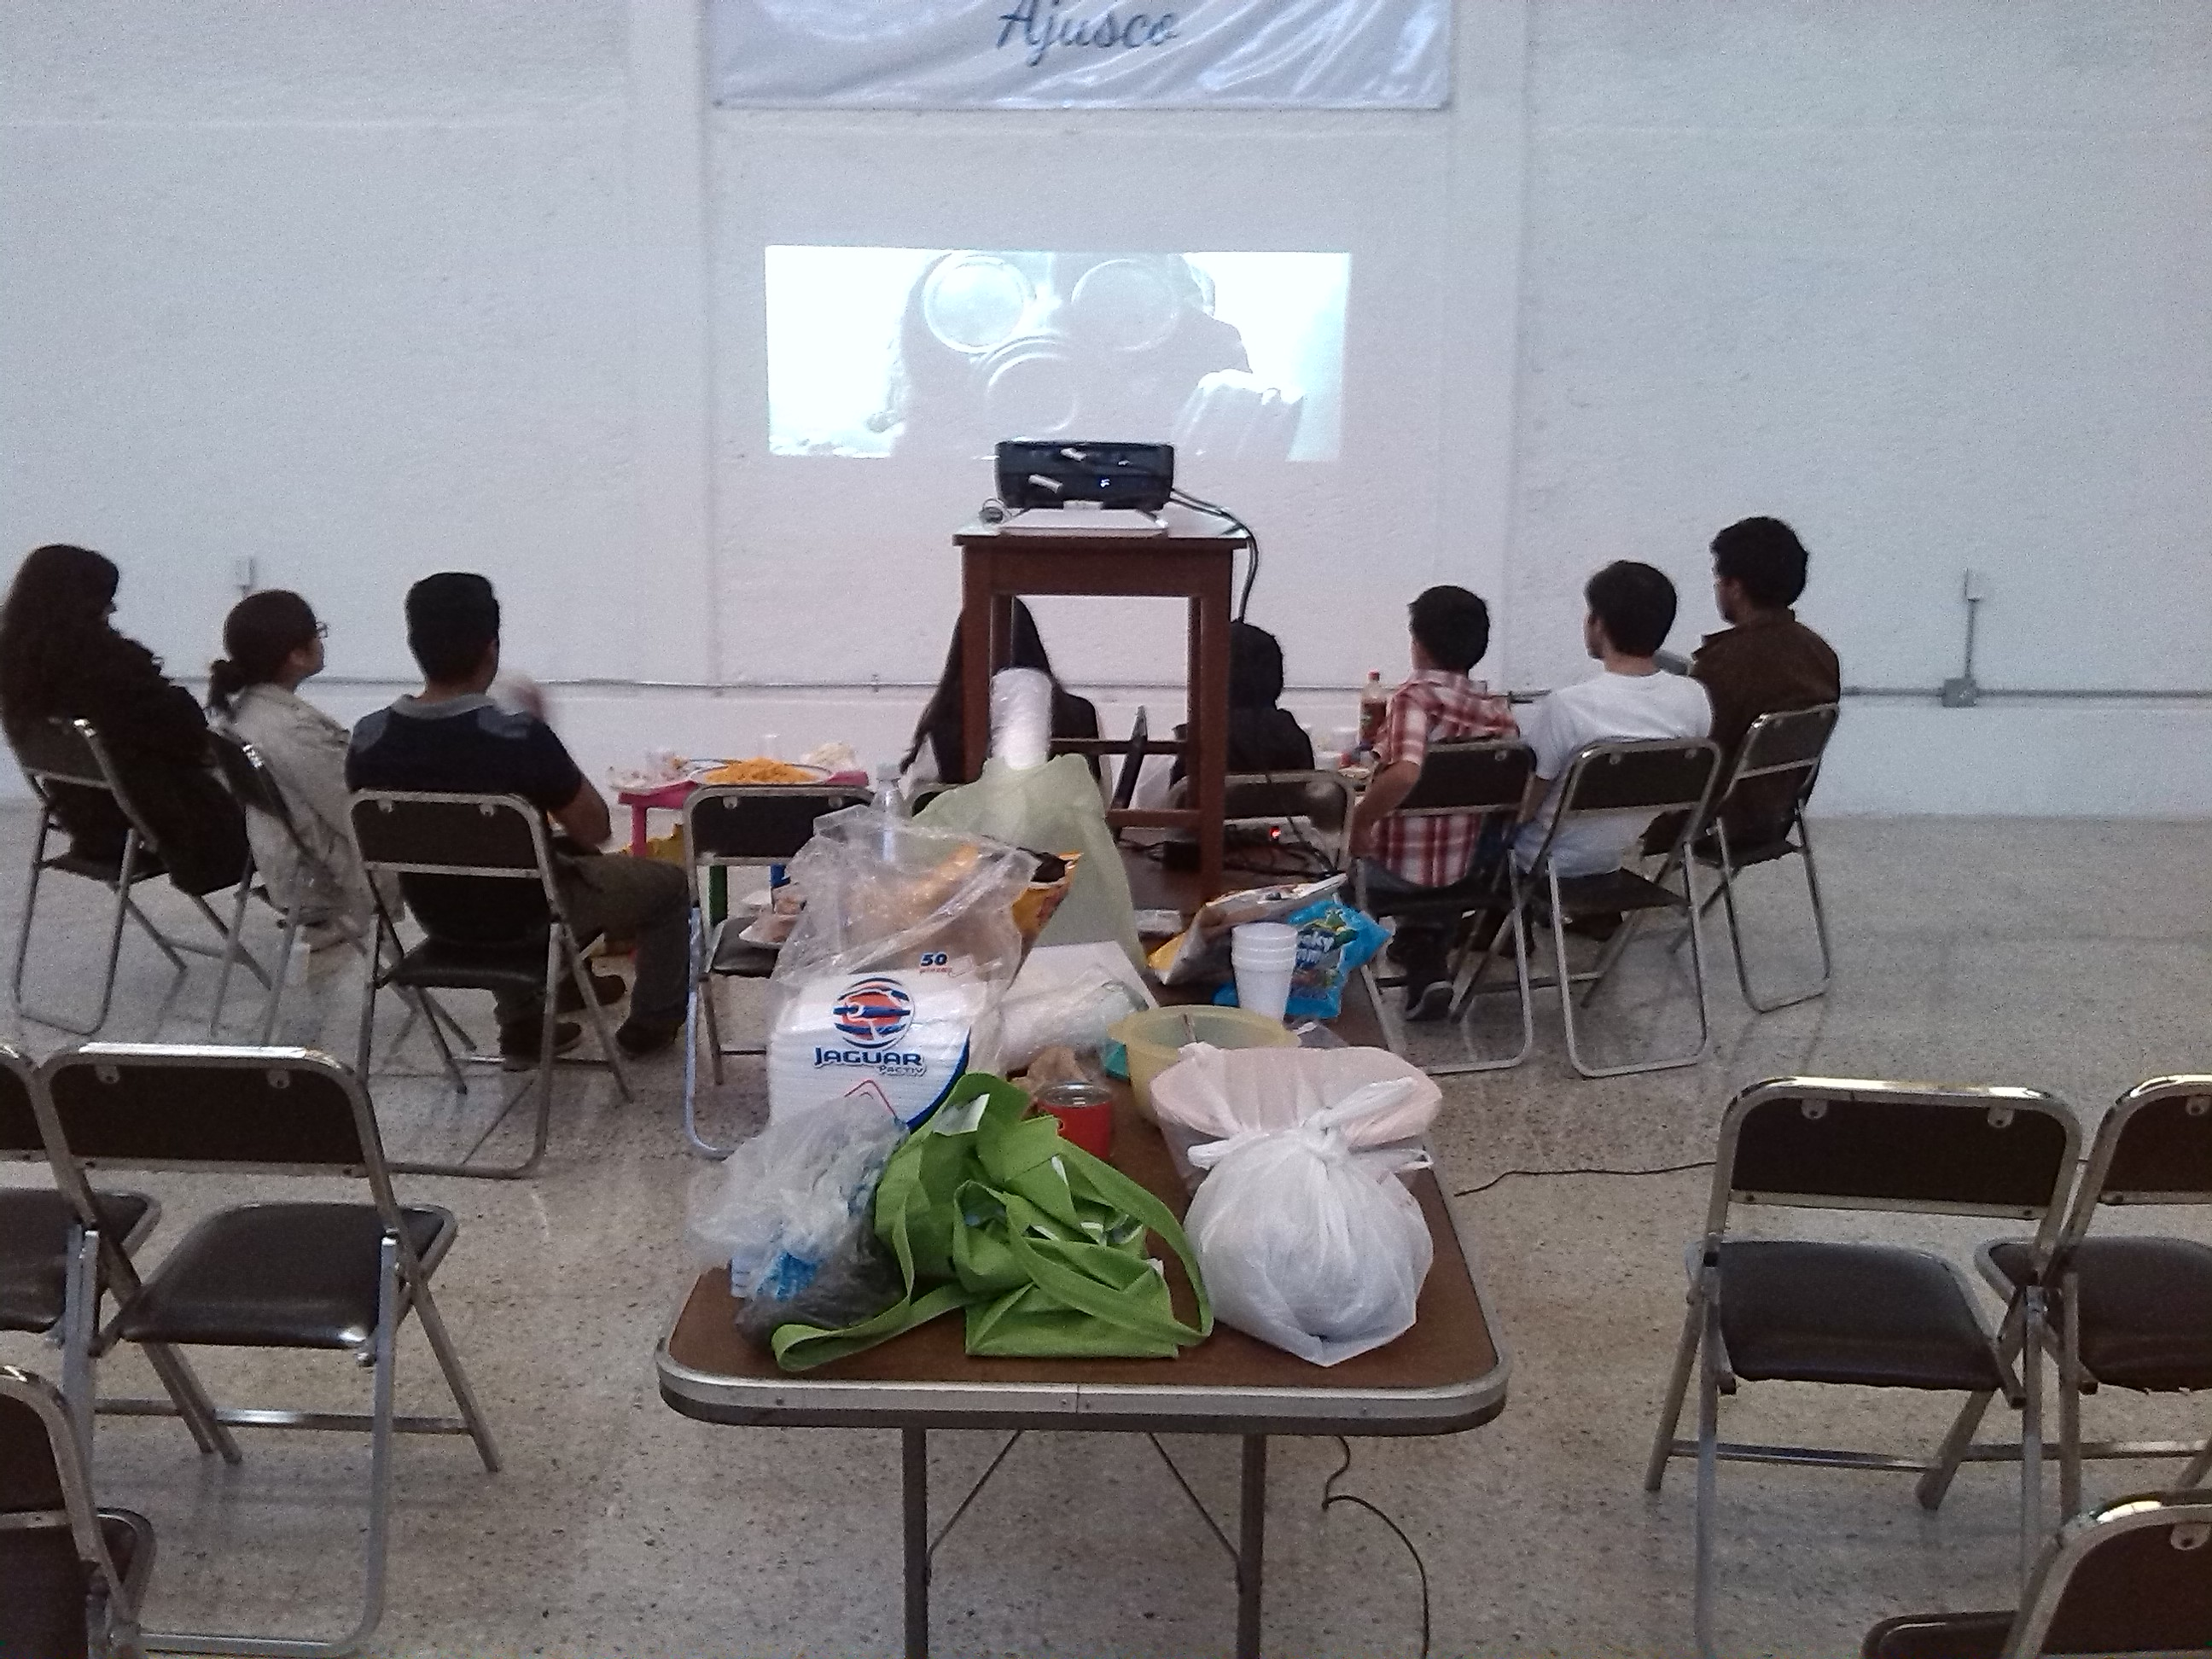 Primera reunión de Solteros CVC Ajusco | Centro de Vida Cristiana